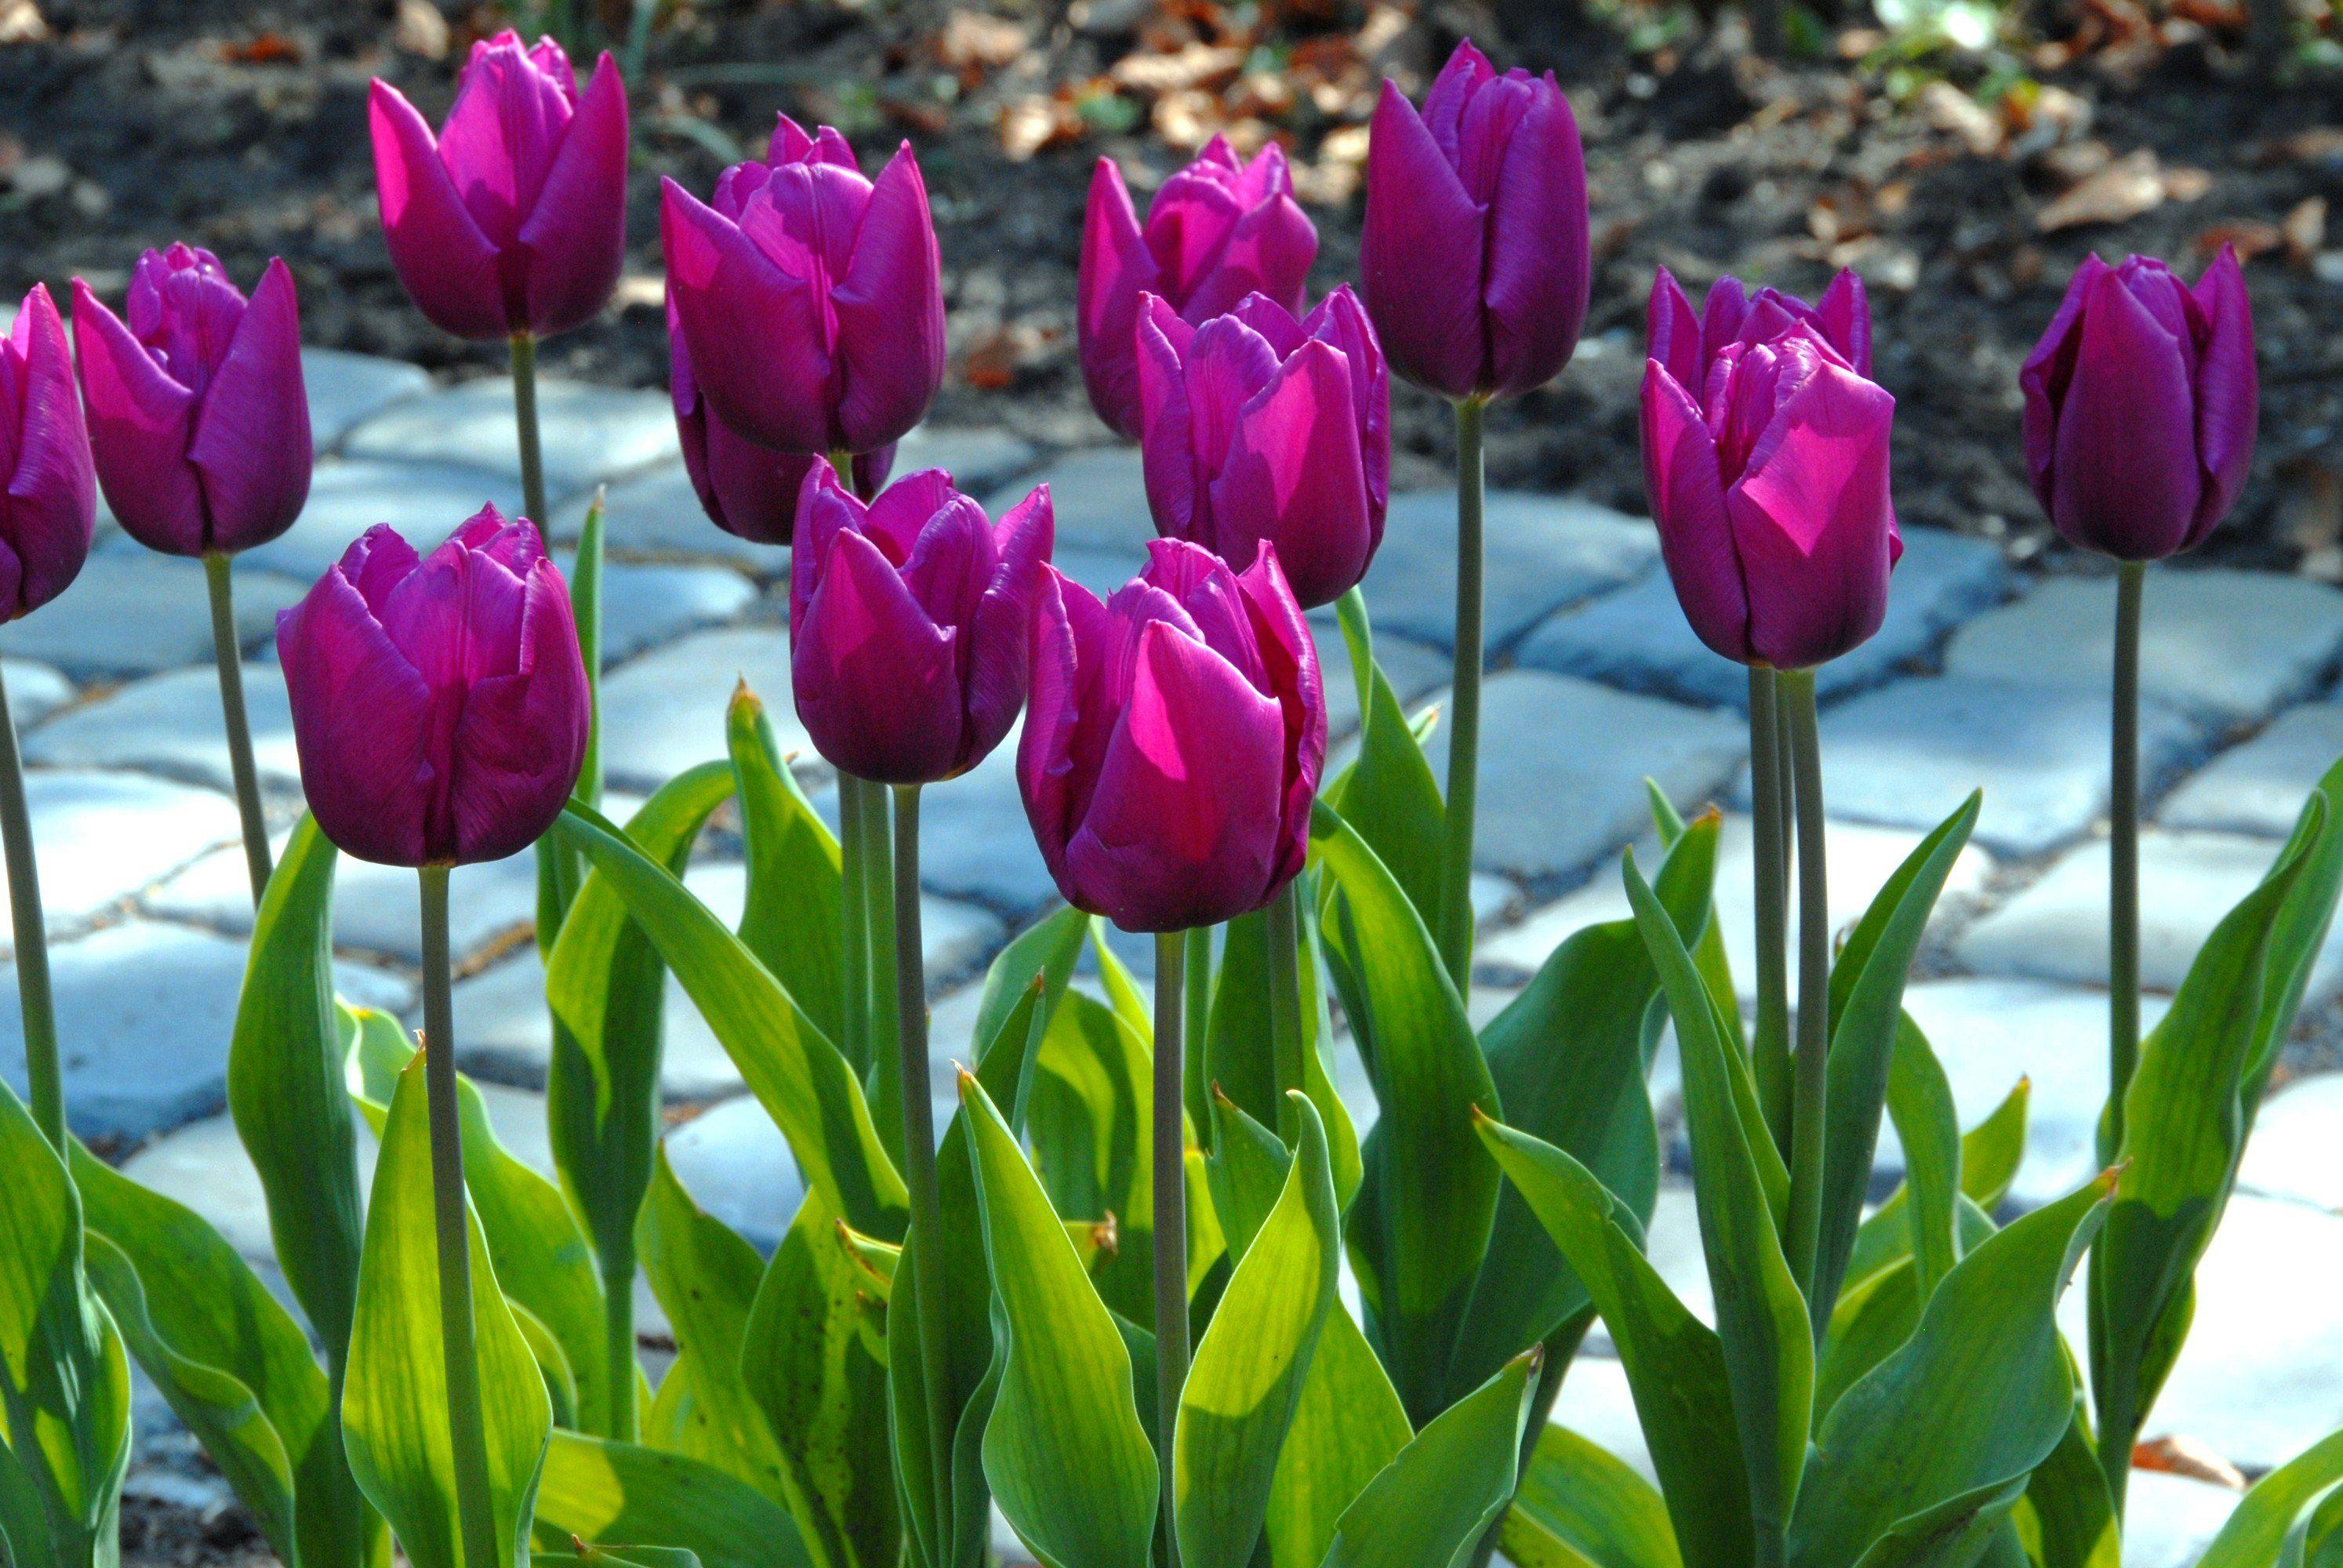 969c62276eaa5e2099cacda21542fc2e - Tulip Top Gardens 2019 Tulip Top Gardens 5 October